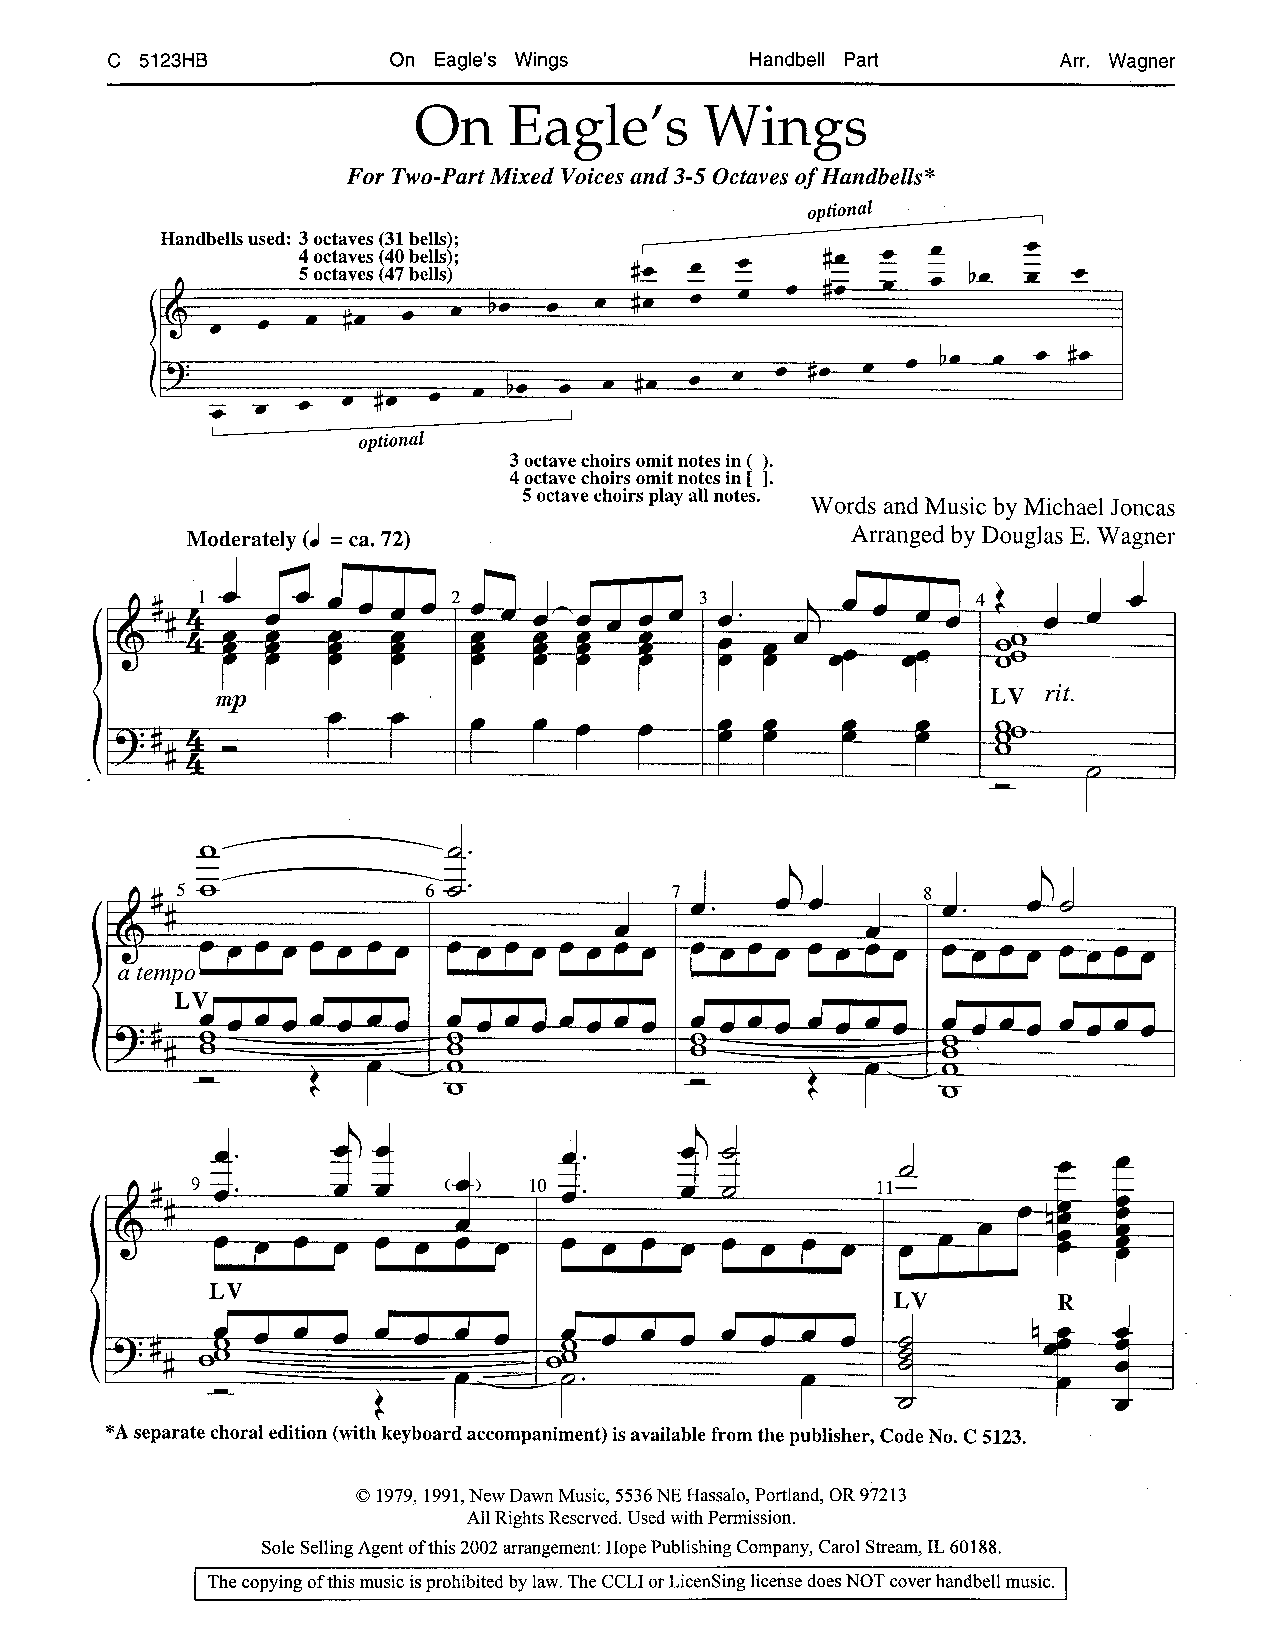 Eagles wings piano score array on eagle u0027s wings handbell part 3 5 octave h j w pepper sheet music rh fandeluxe Gallery